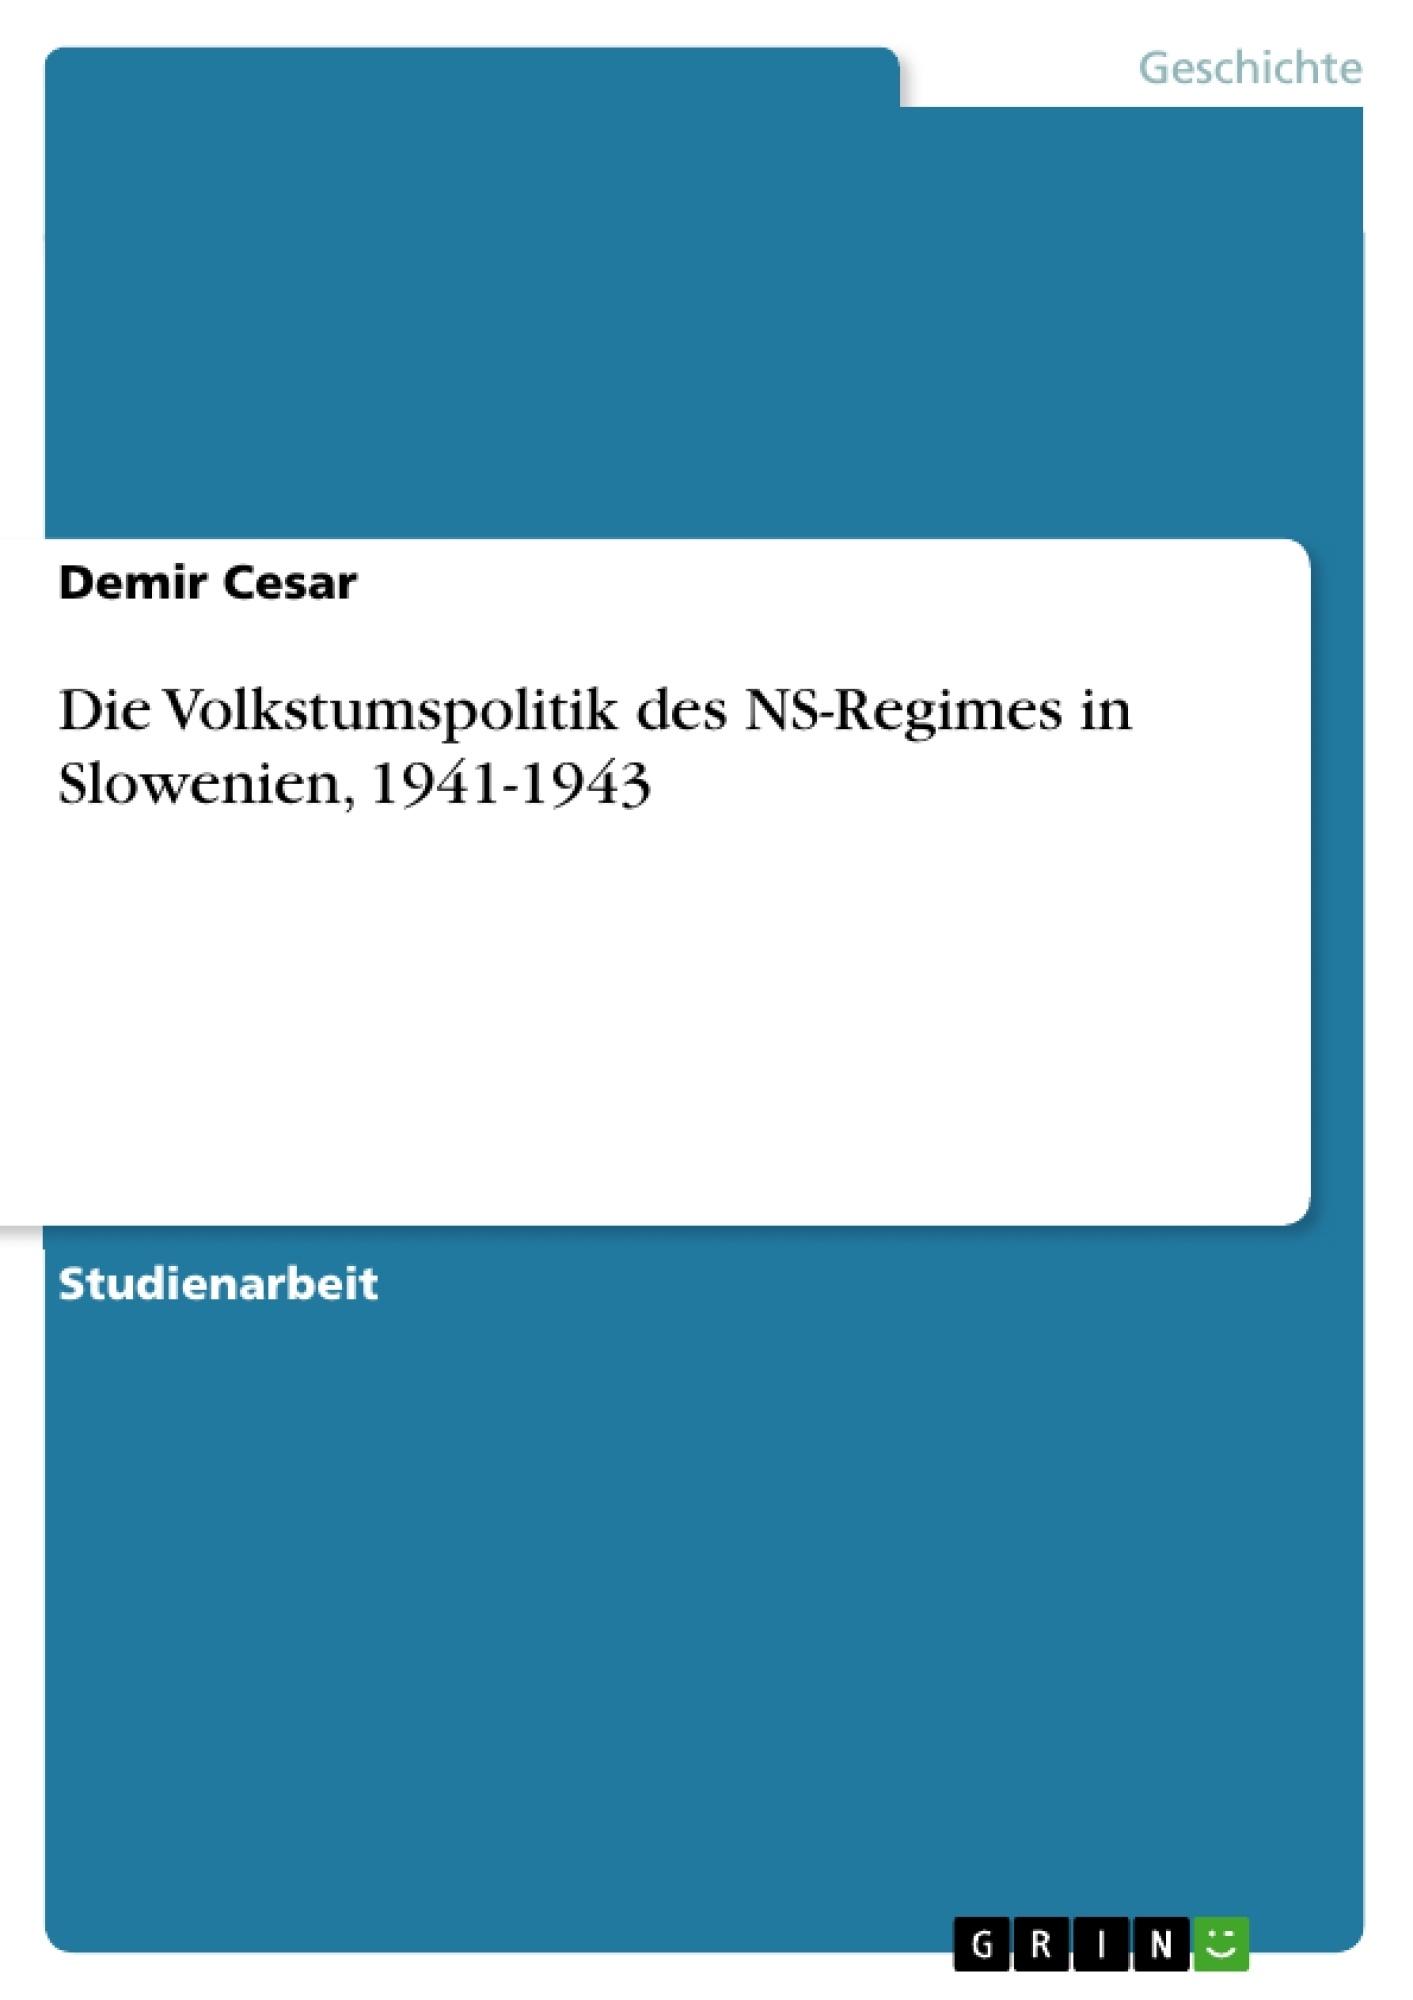 Titel: Die Volkstumspolitik des NS-Regimes in Slowenien, 1941-1943